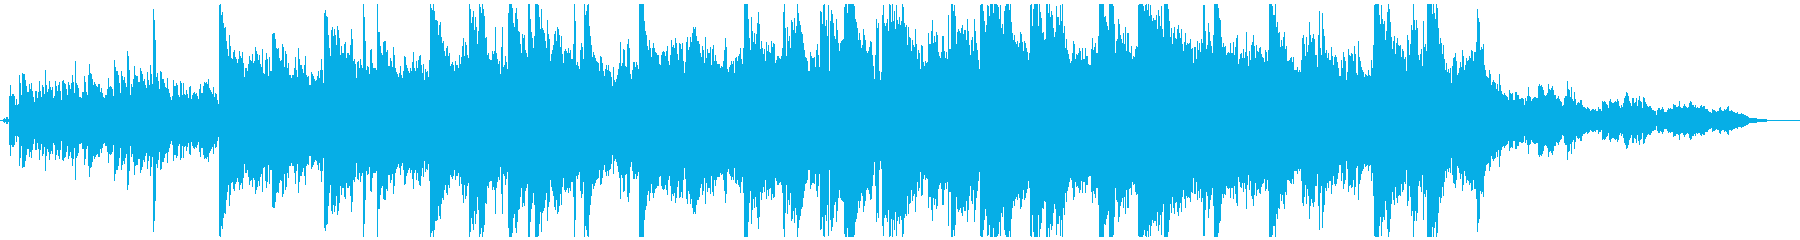 民謡 感情的 バラード リラックス...の再生済みの波形